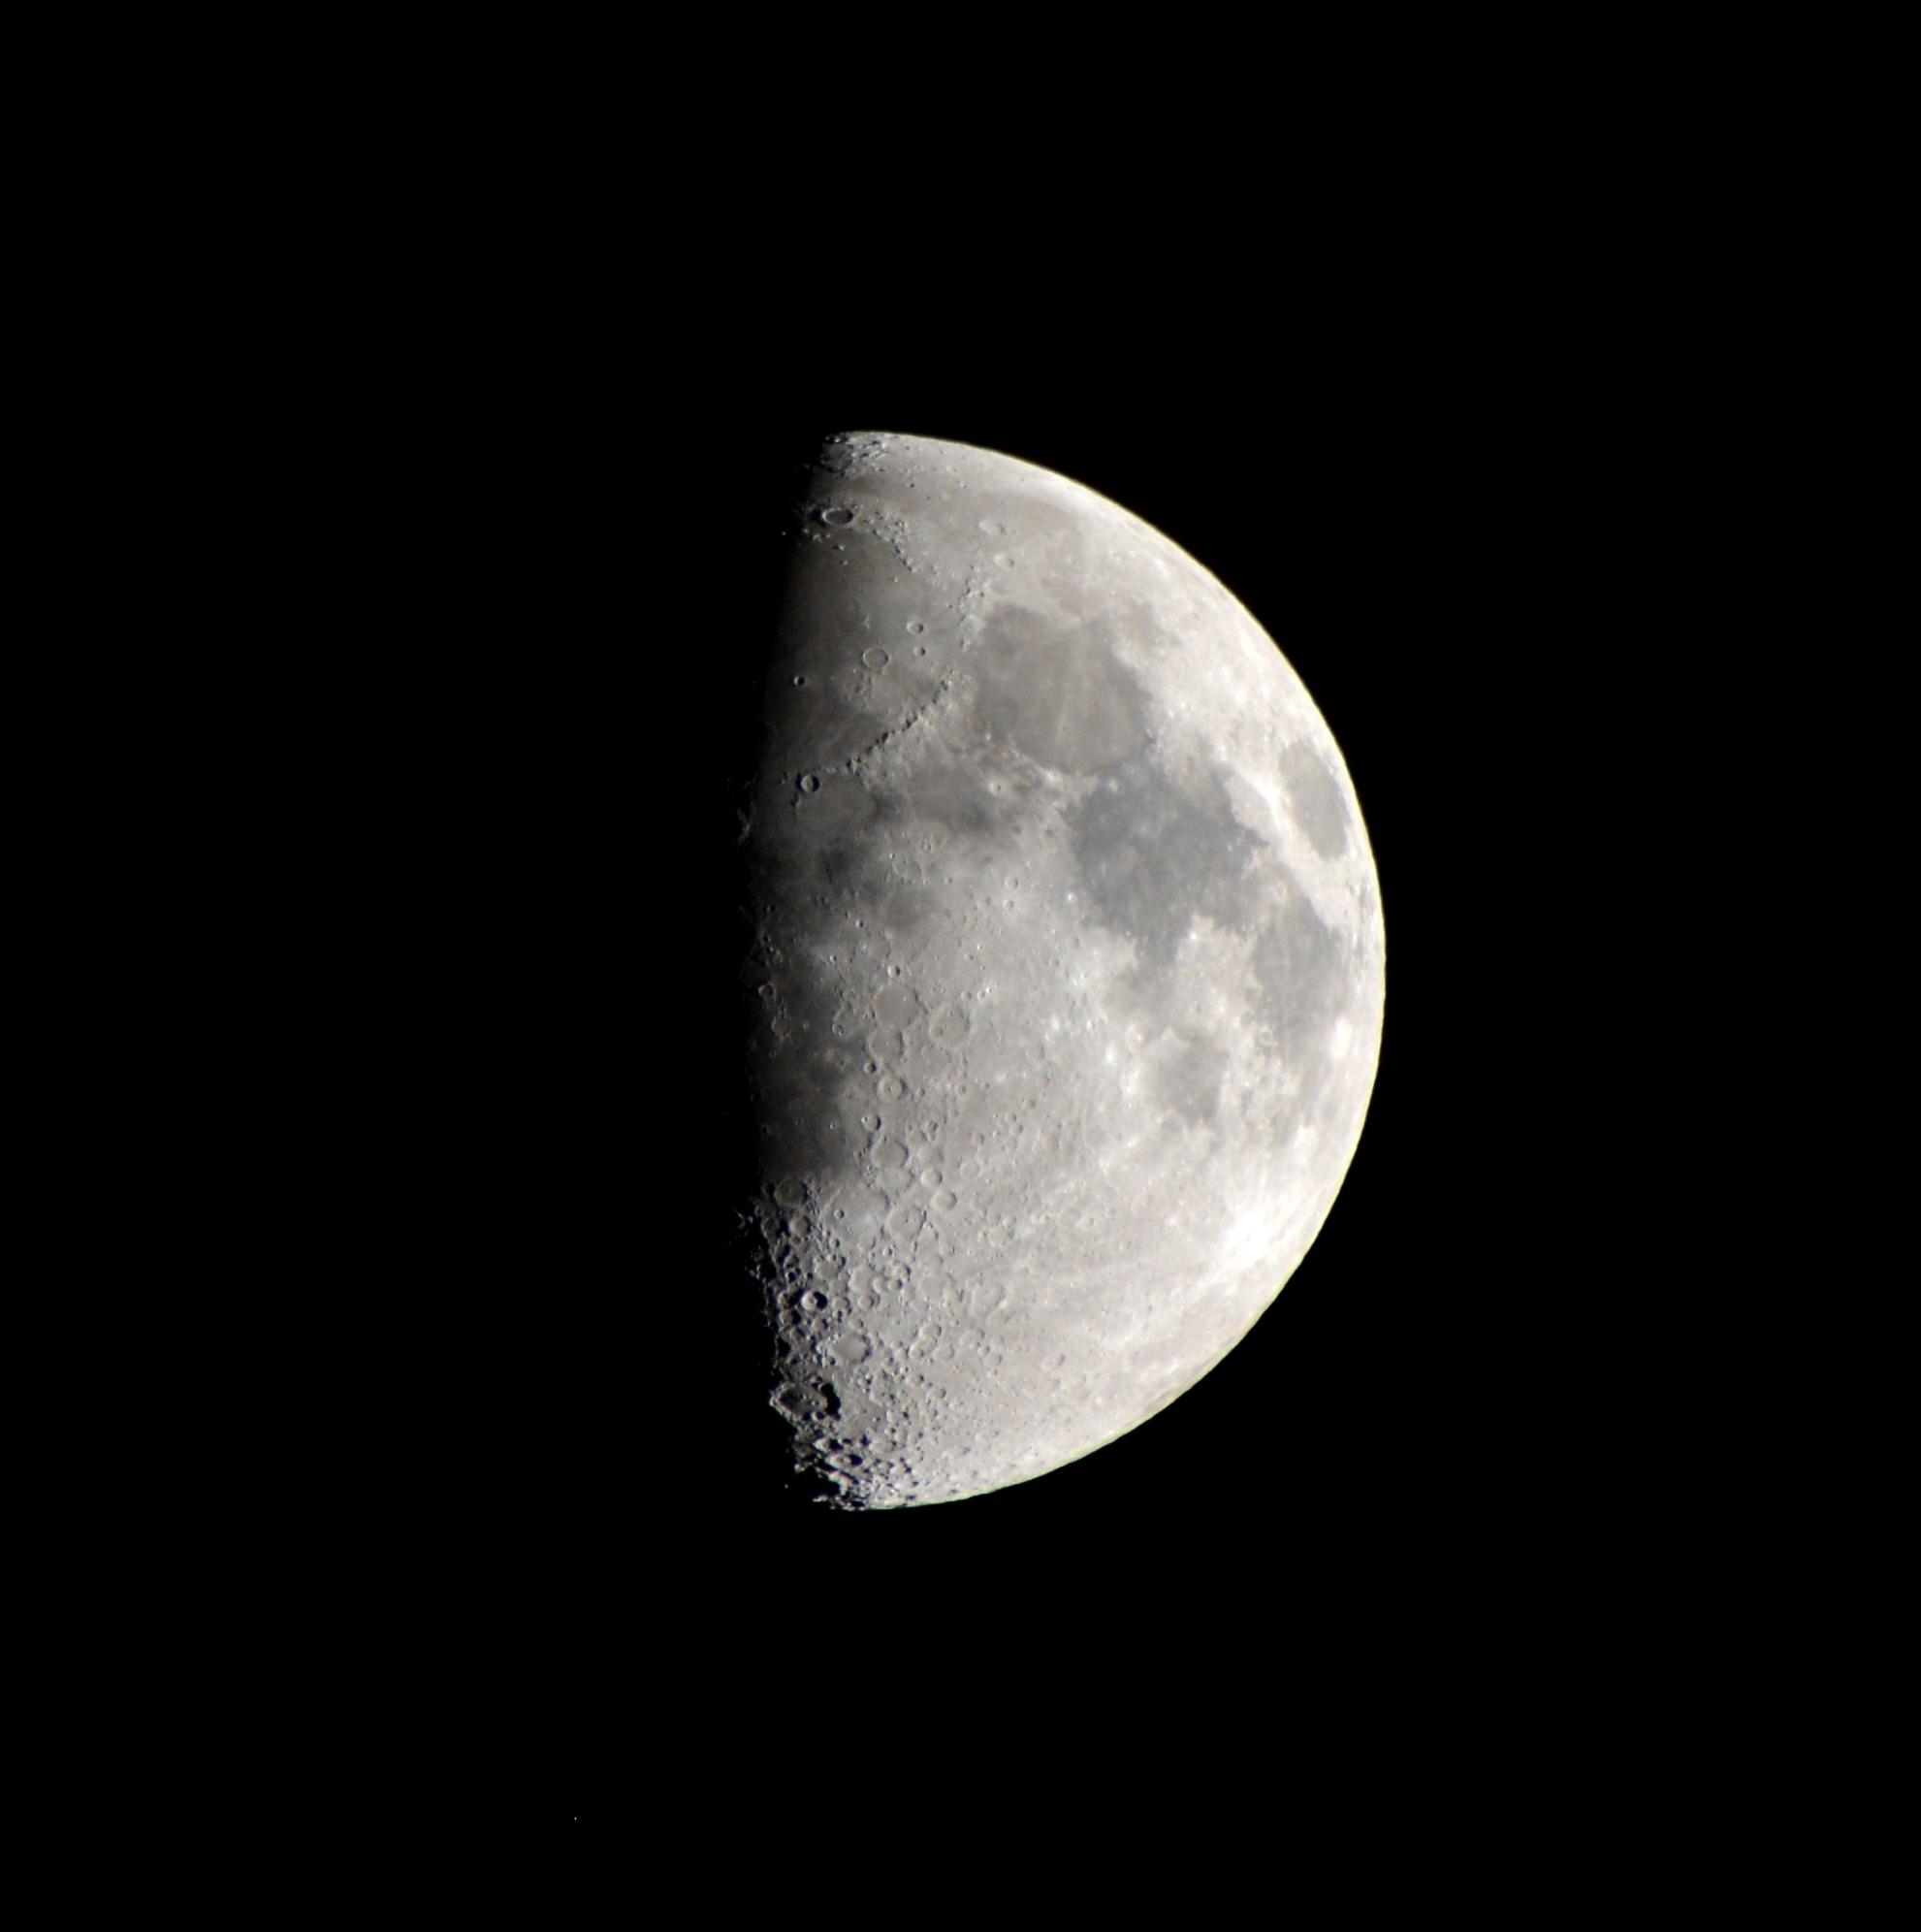 Gambar Hitam Dan Putih Suasana Satu Warna Lingkaran Bulan